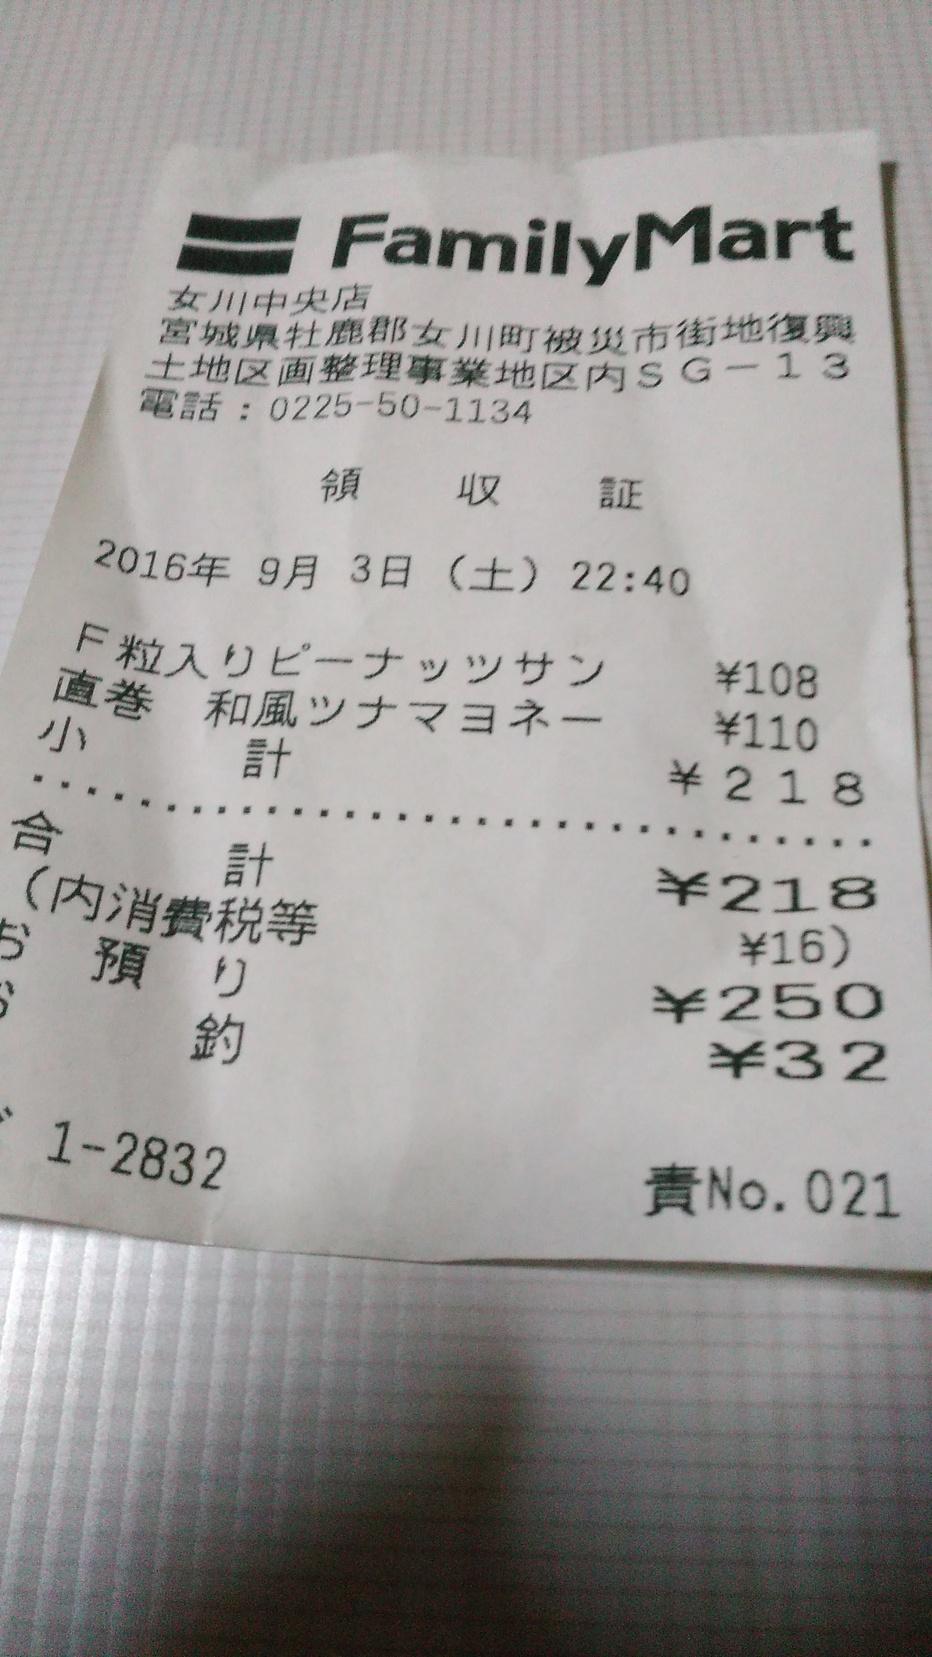 ファミリーマート 女川中央店